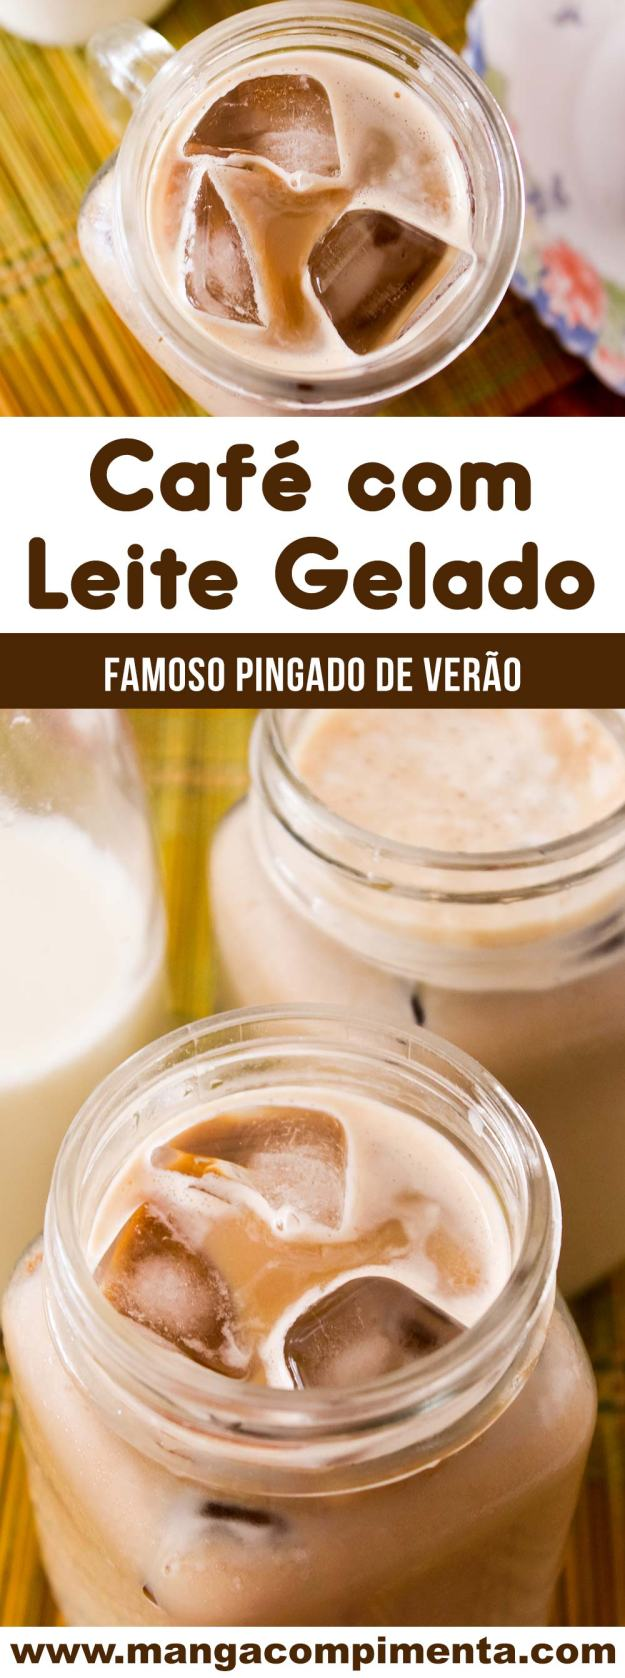 Receita de Café com Leite Gelado - prepare o famoso pingado gelado para os dias quentes!